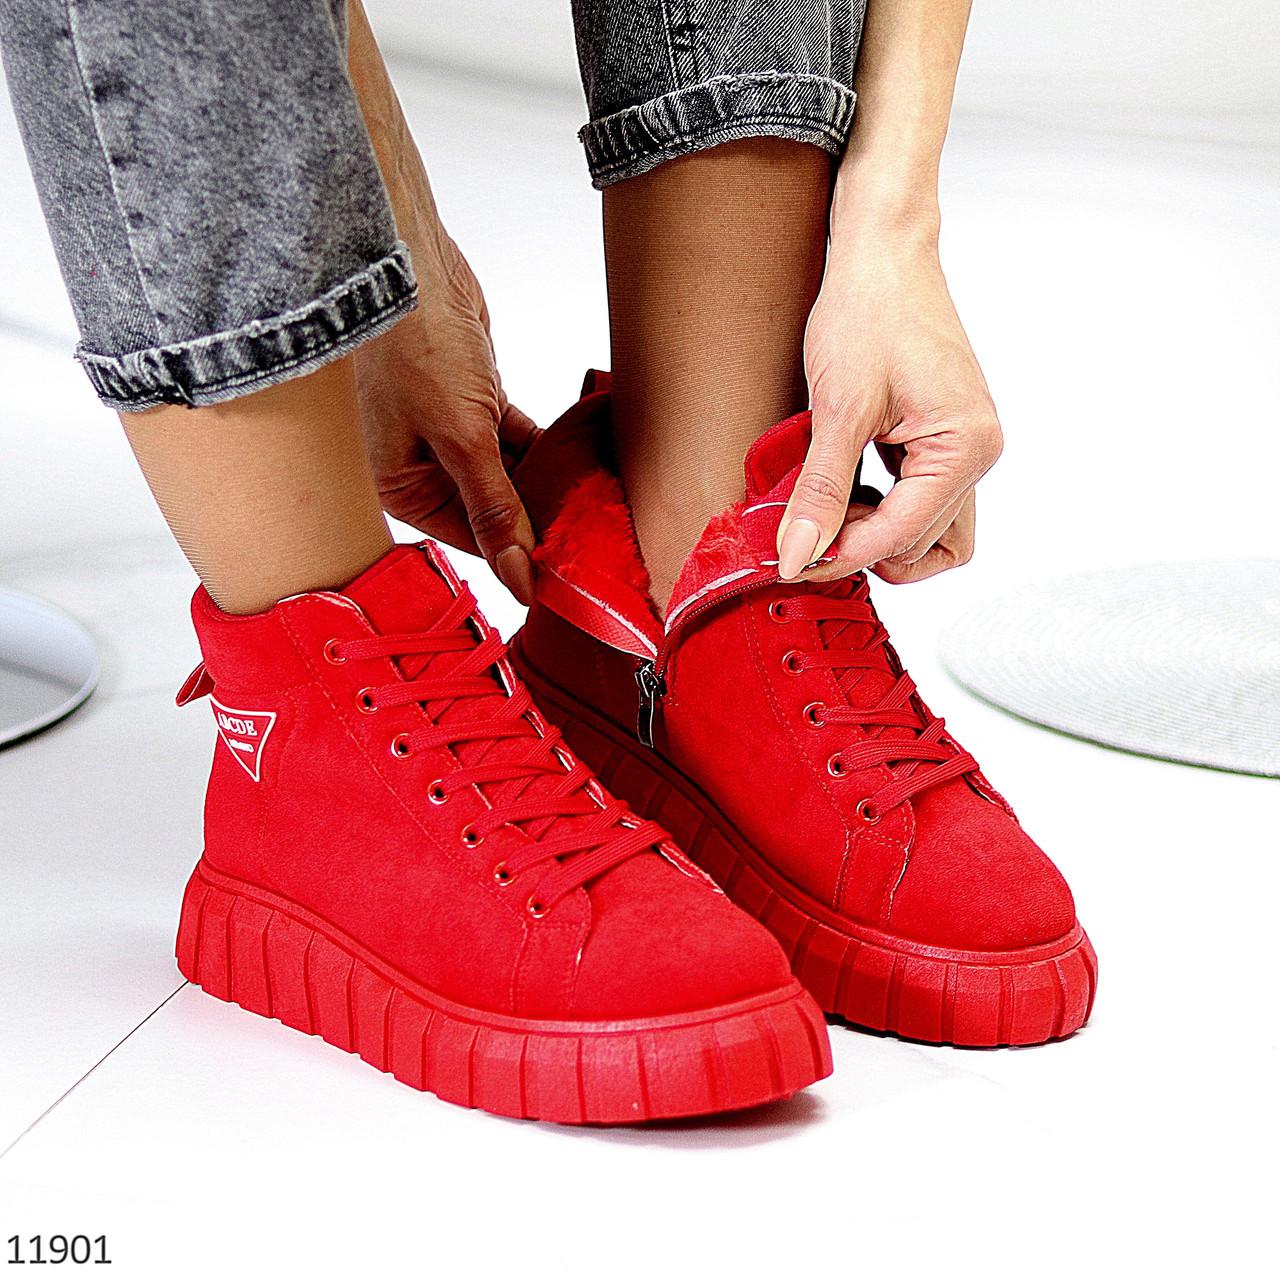 Модні червоні жіночі зимові спортивні черевики блискавка + шнурівка